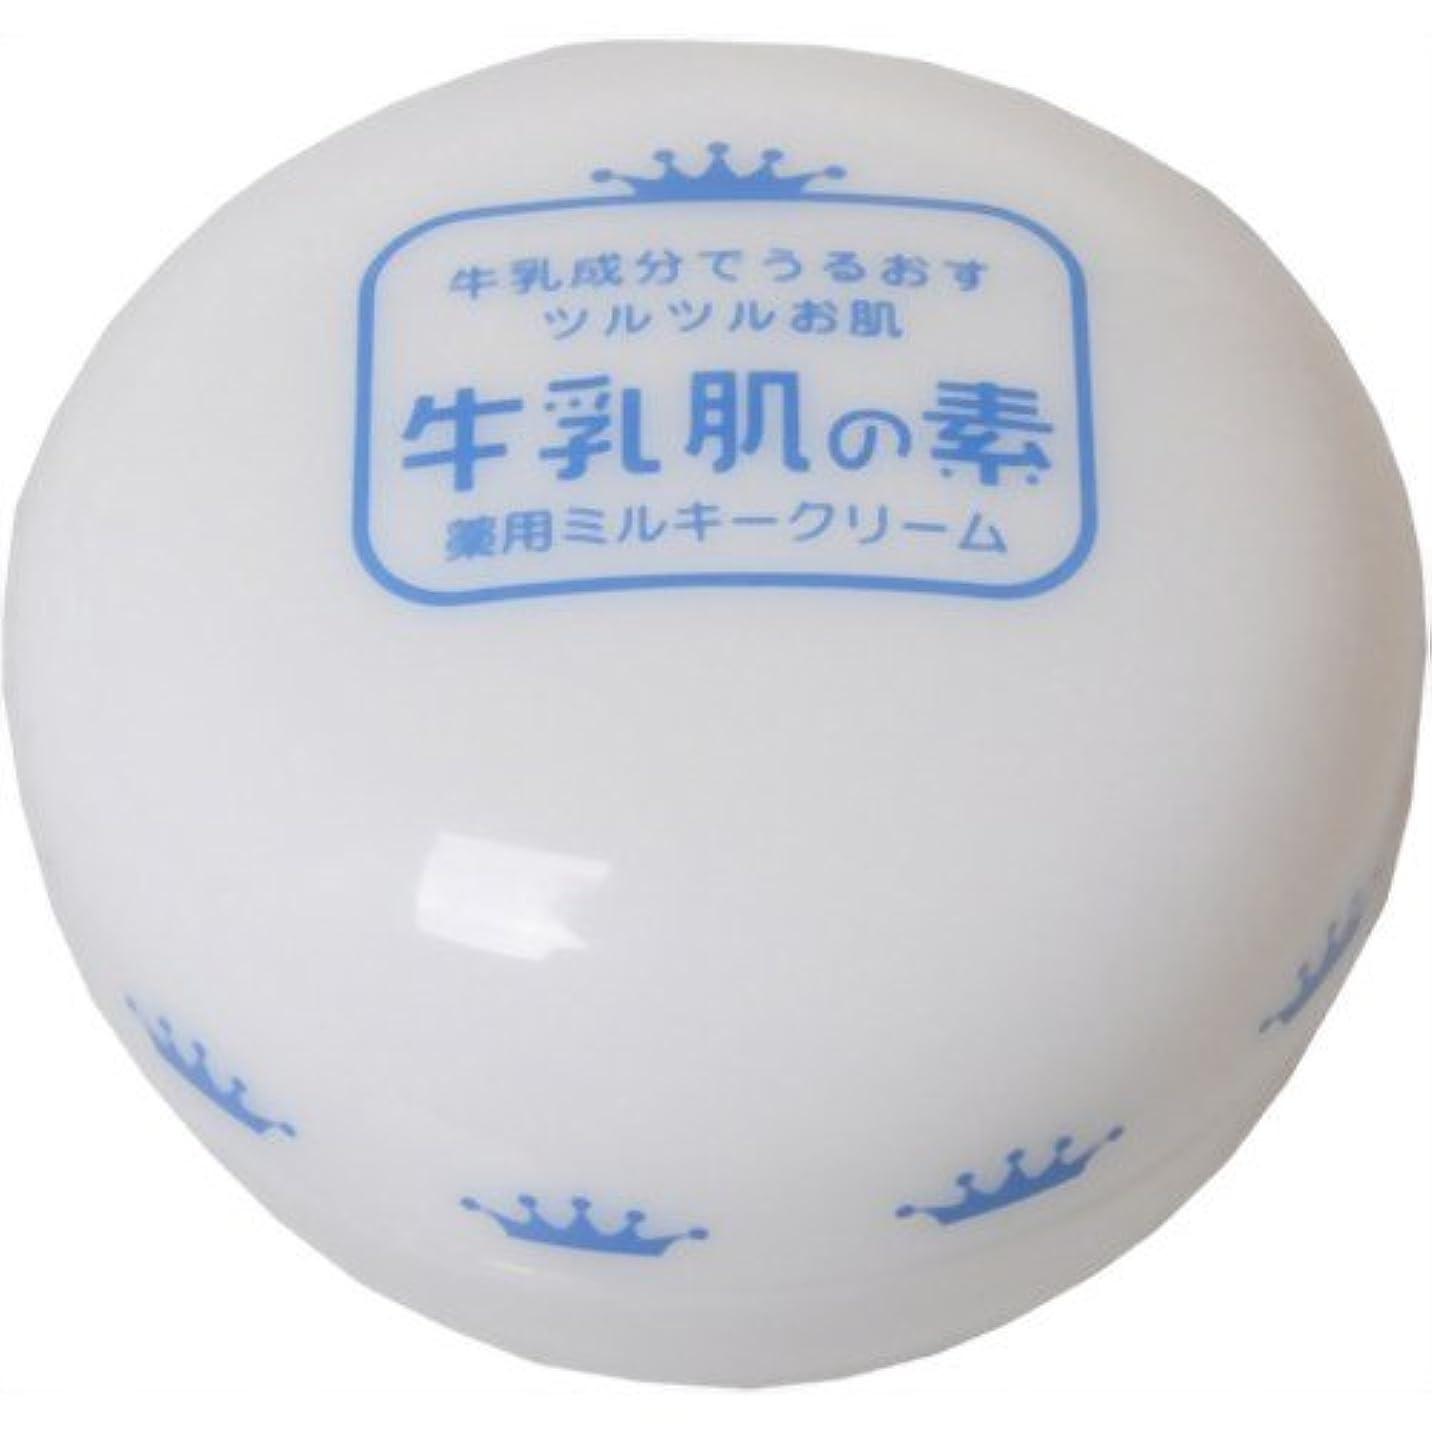 落胆したシード前文牛乳肌の素 薬用ミルキークリーム 20g